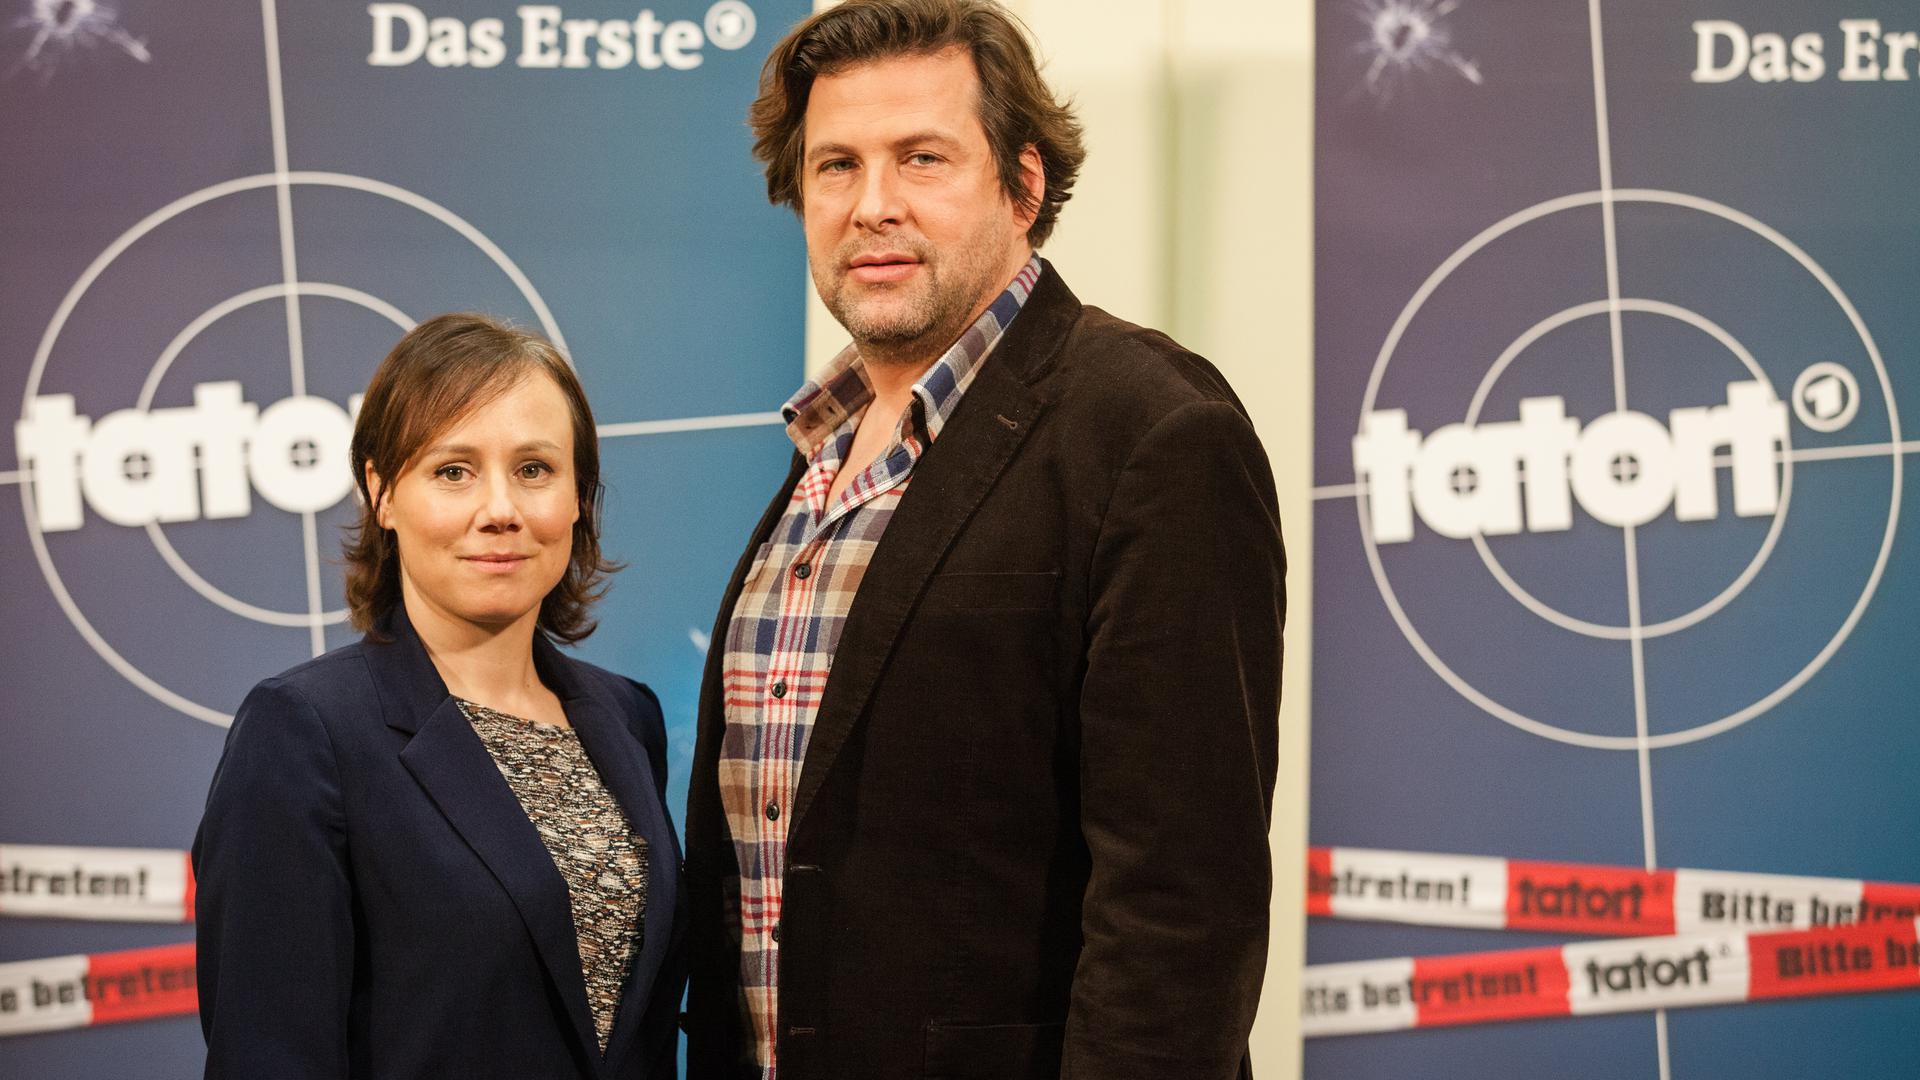 Ermittlerpaar: Franziska Tobler (Eva Löbau) und Friedemann Berg (Hans-Jochen Wagner) ermittelten in der Emisau.